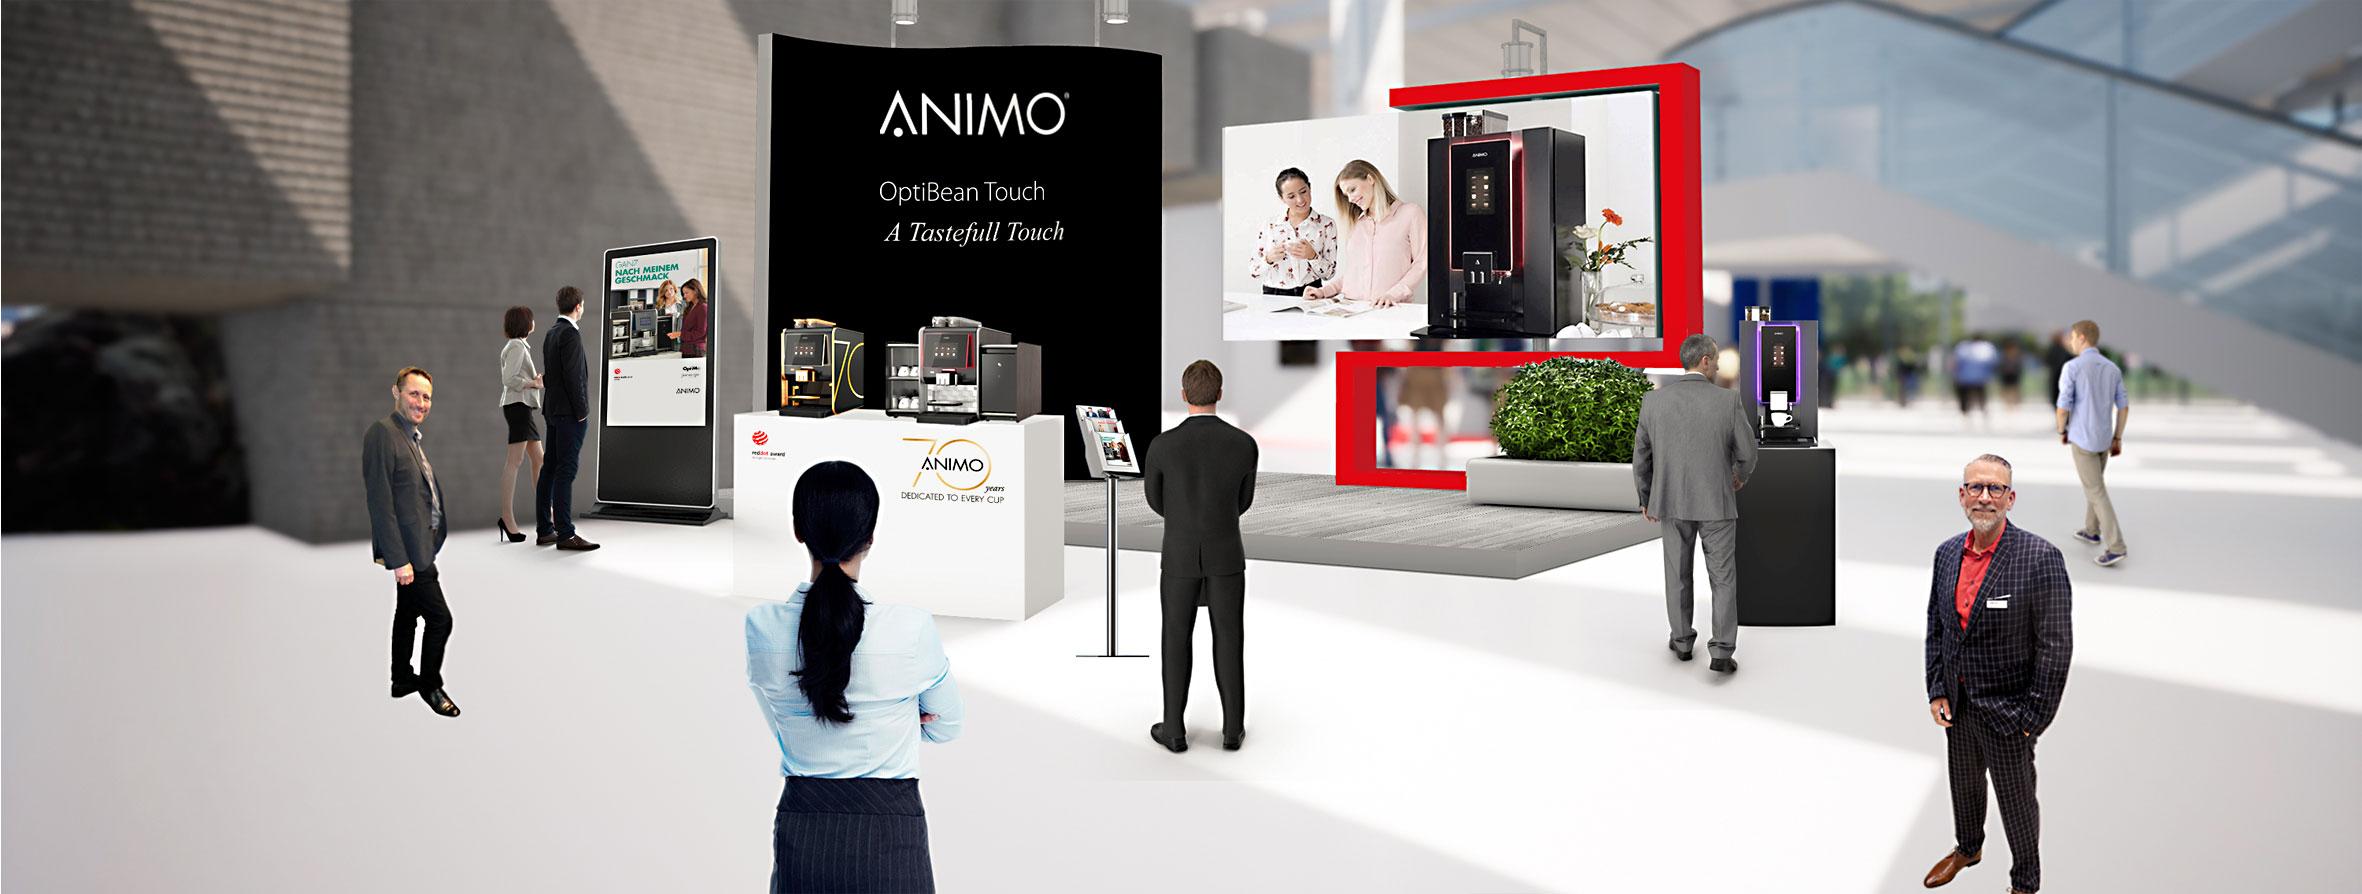 Animo Vendtra Vending Trade Festival Deutschland